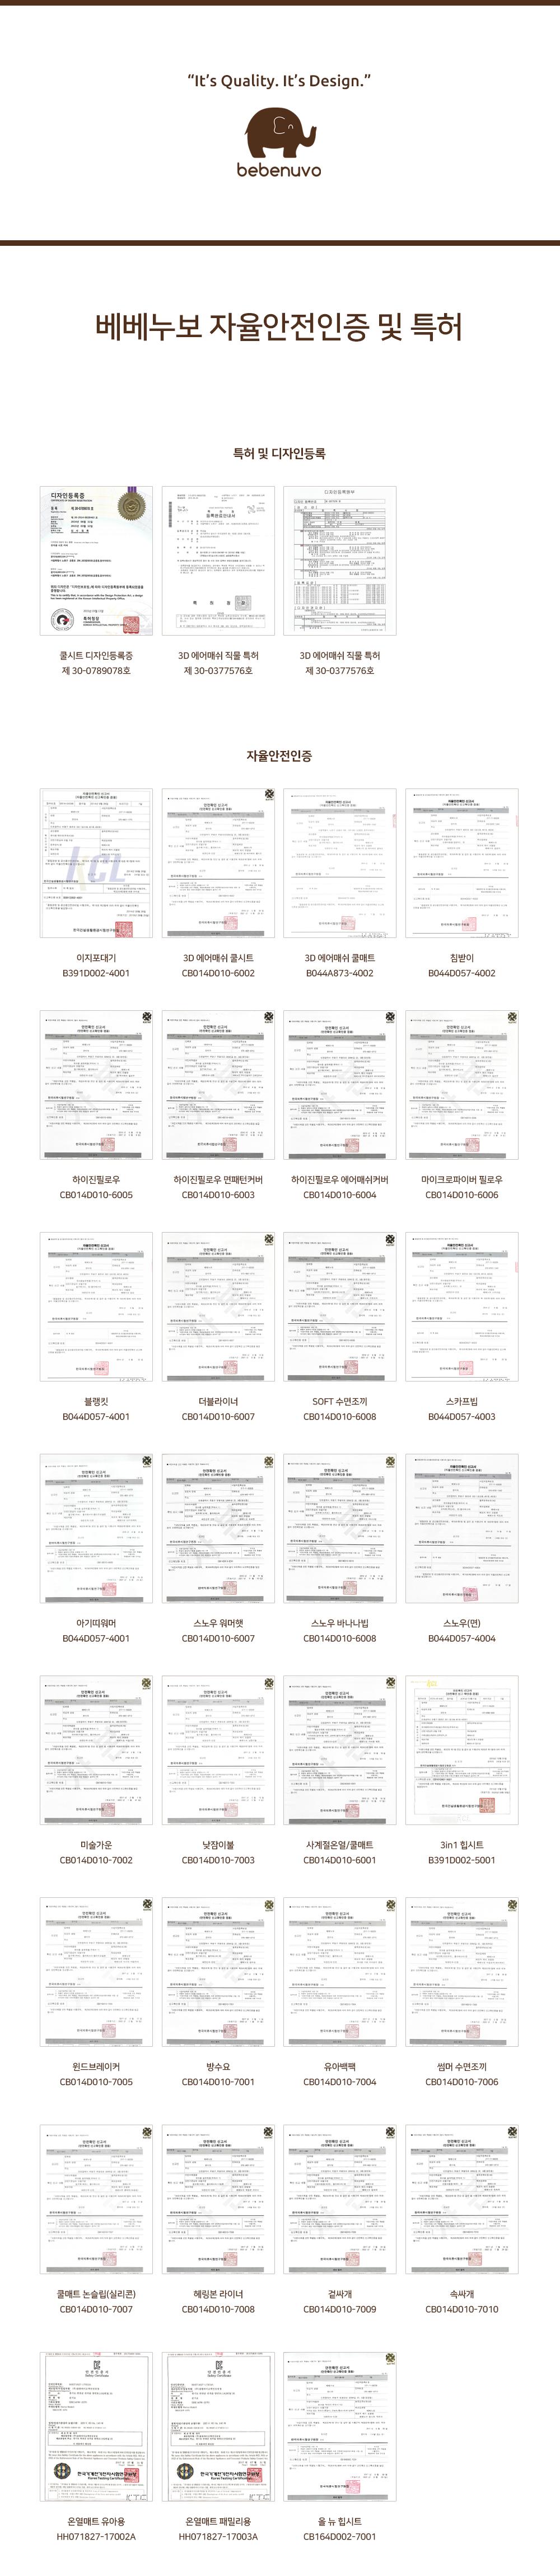 베베누보 특허 자율안전인증